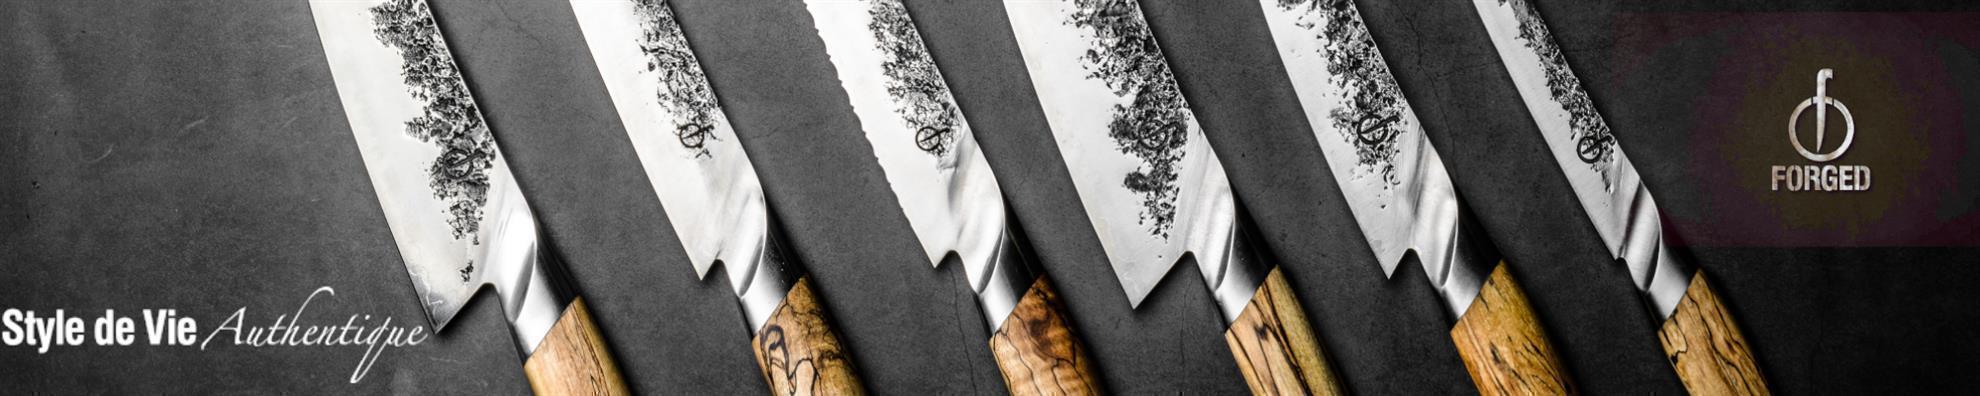 Forged - Lederhülle Brotmesser